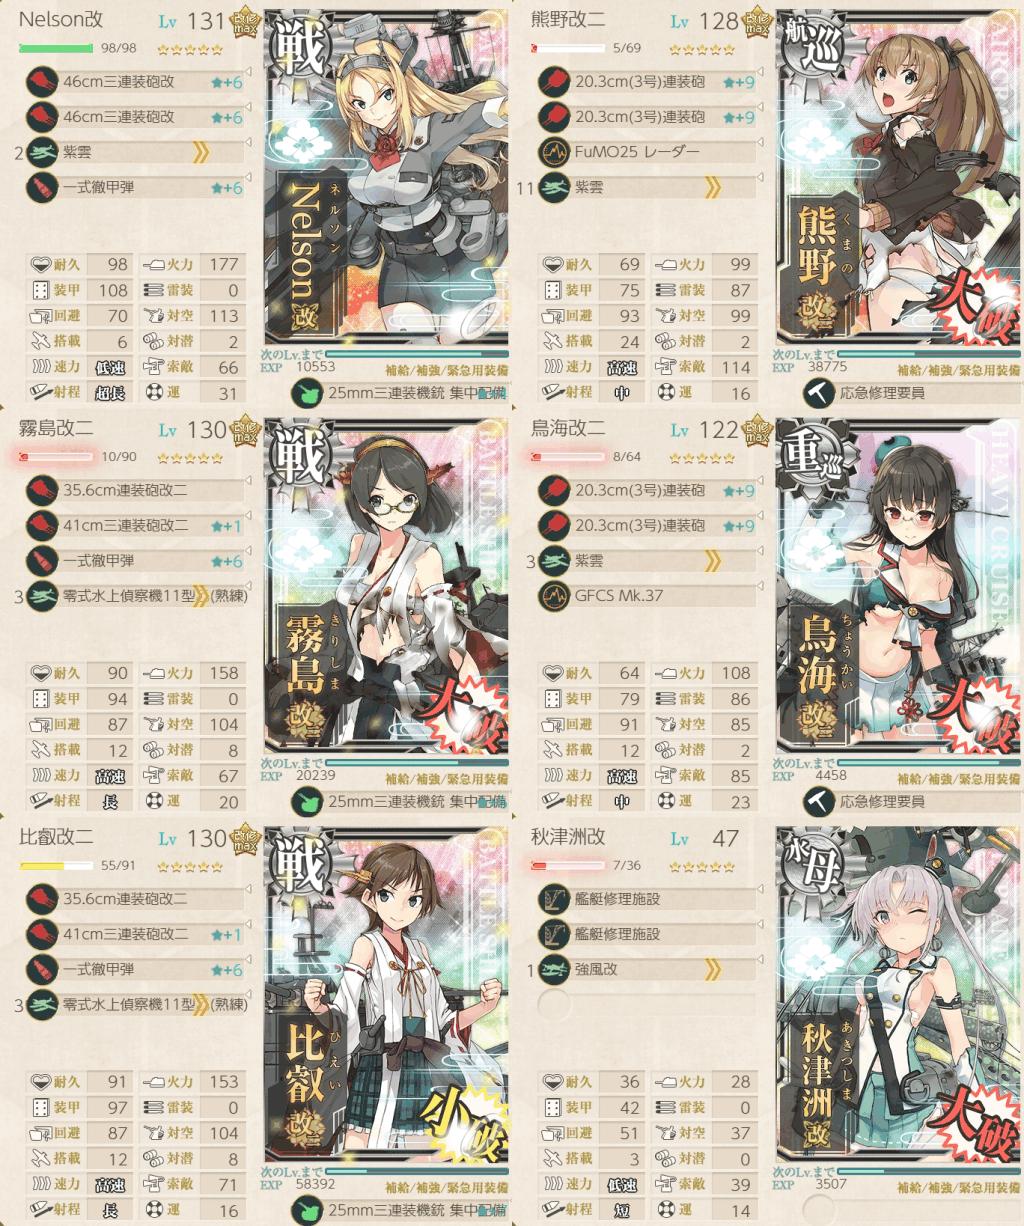 E6 艦 これ 朝潮(艦これ)とは (アサシオとは)